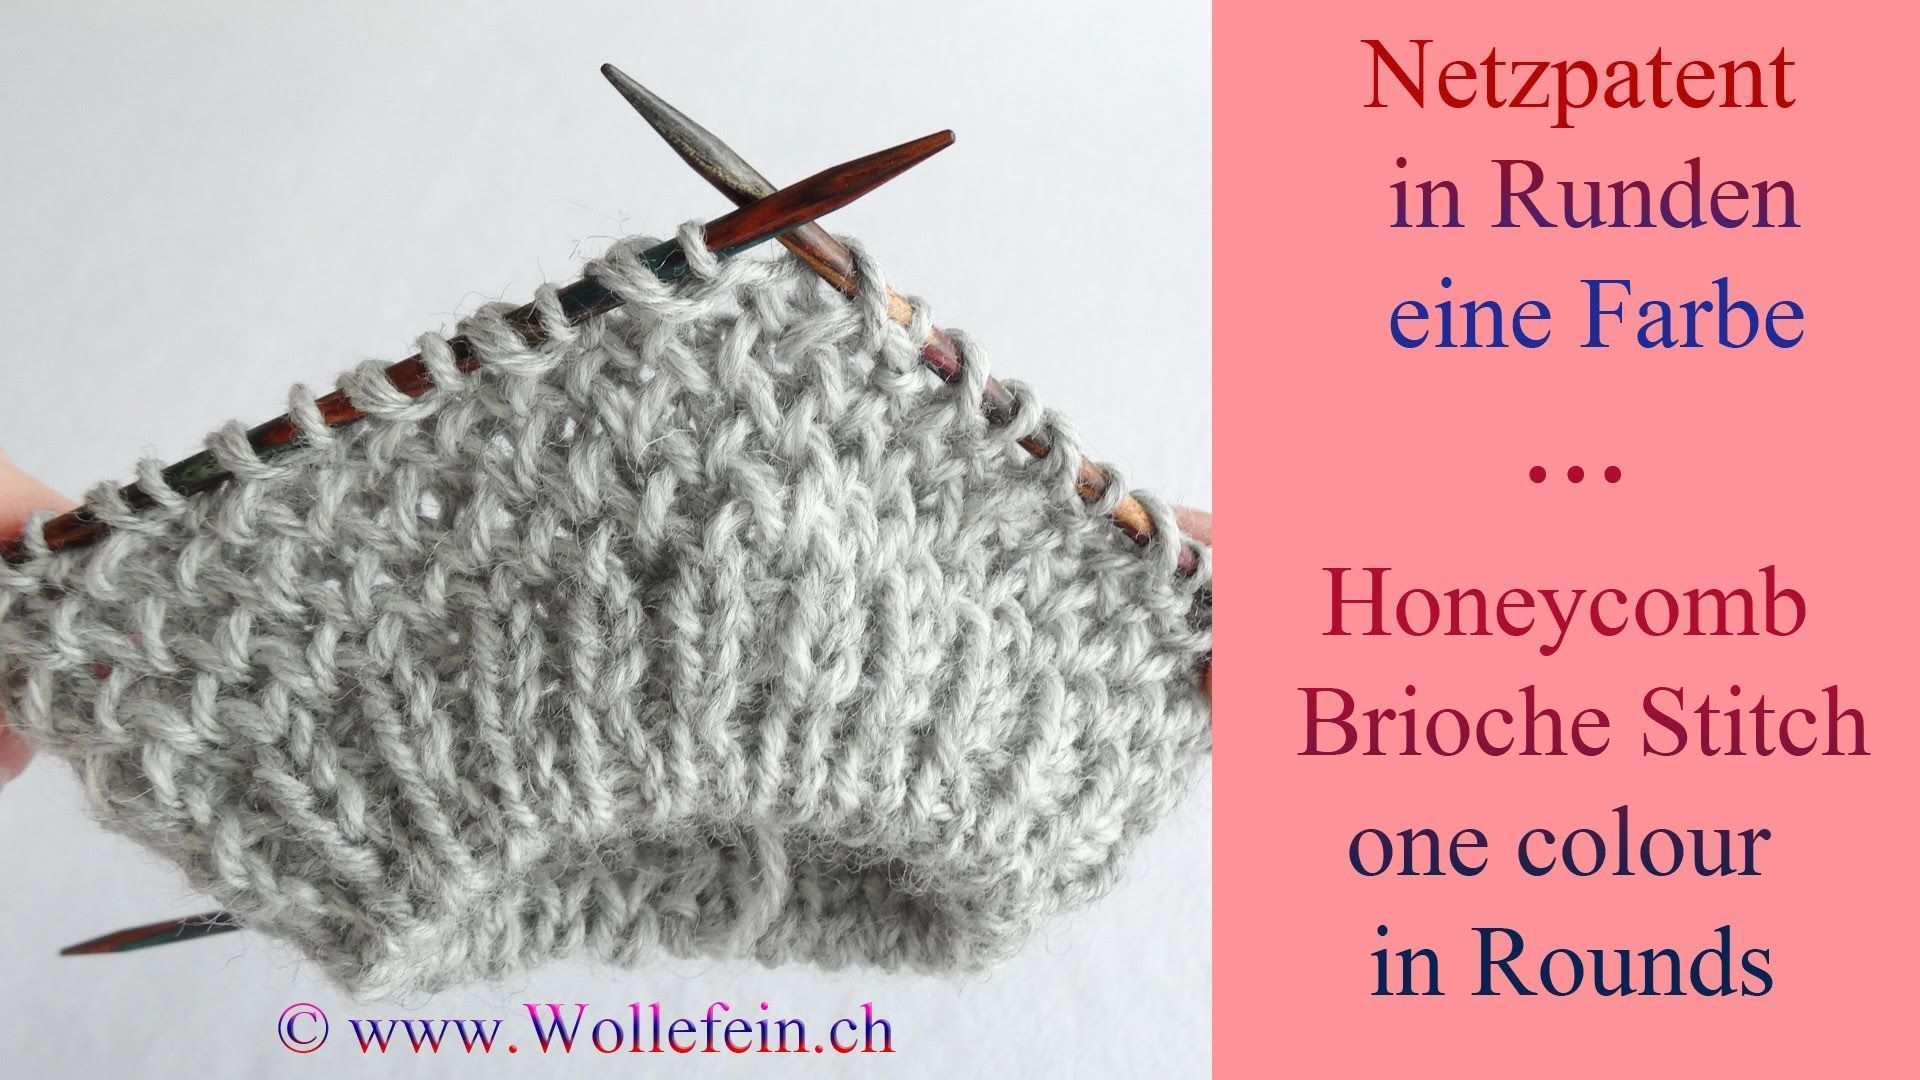 Netzpatent In Runden Eine Farbe Honeycomb Brioche Stitch In Rounds One Stricken Netzpatent Patentmuster Stricken Socken Stricken